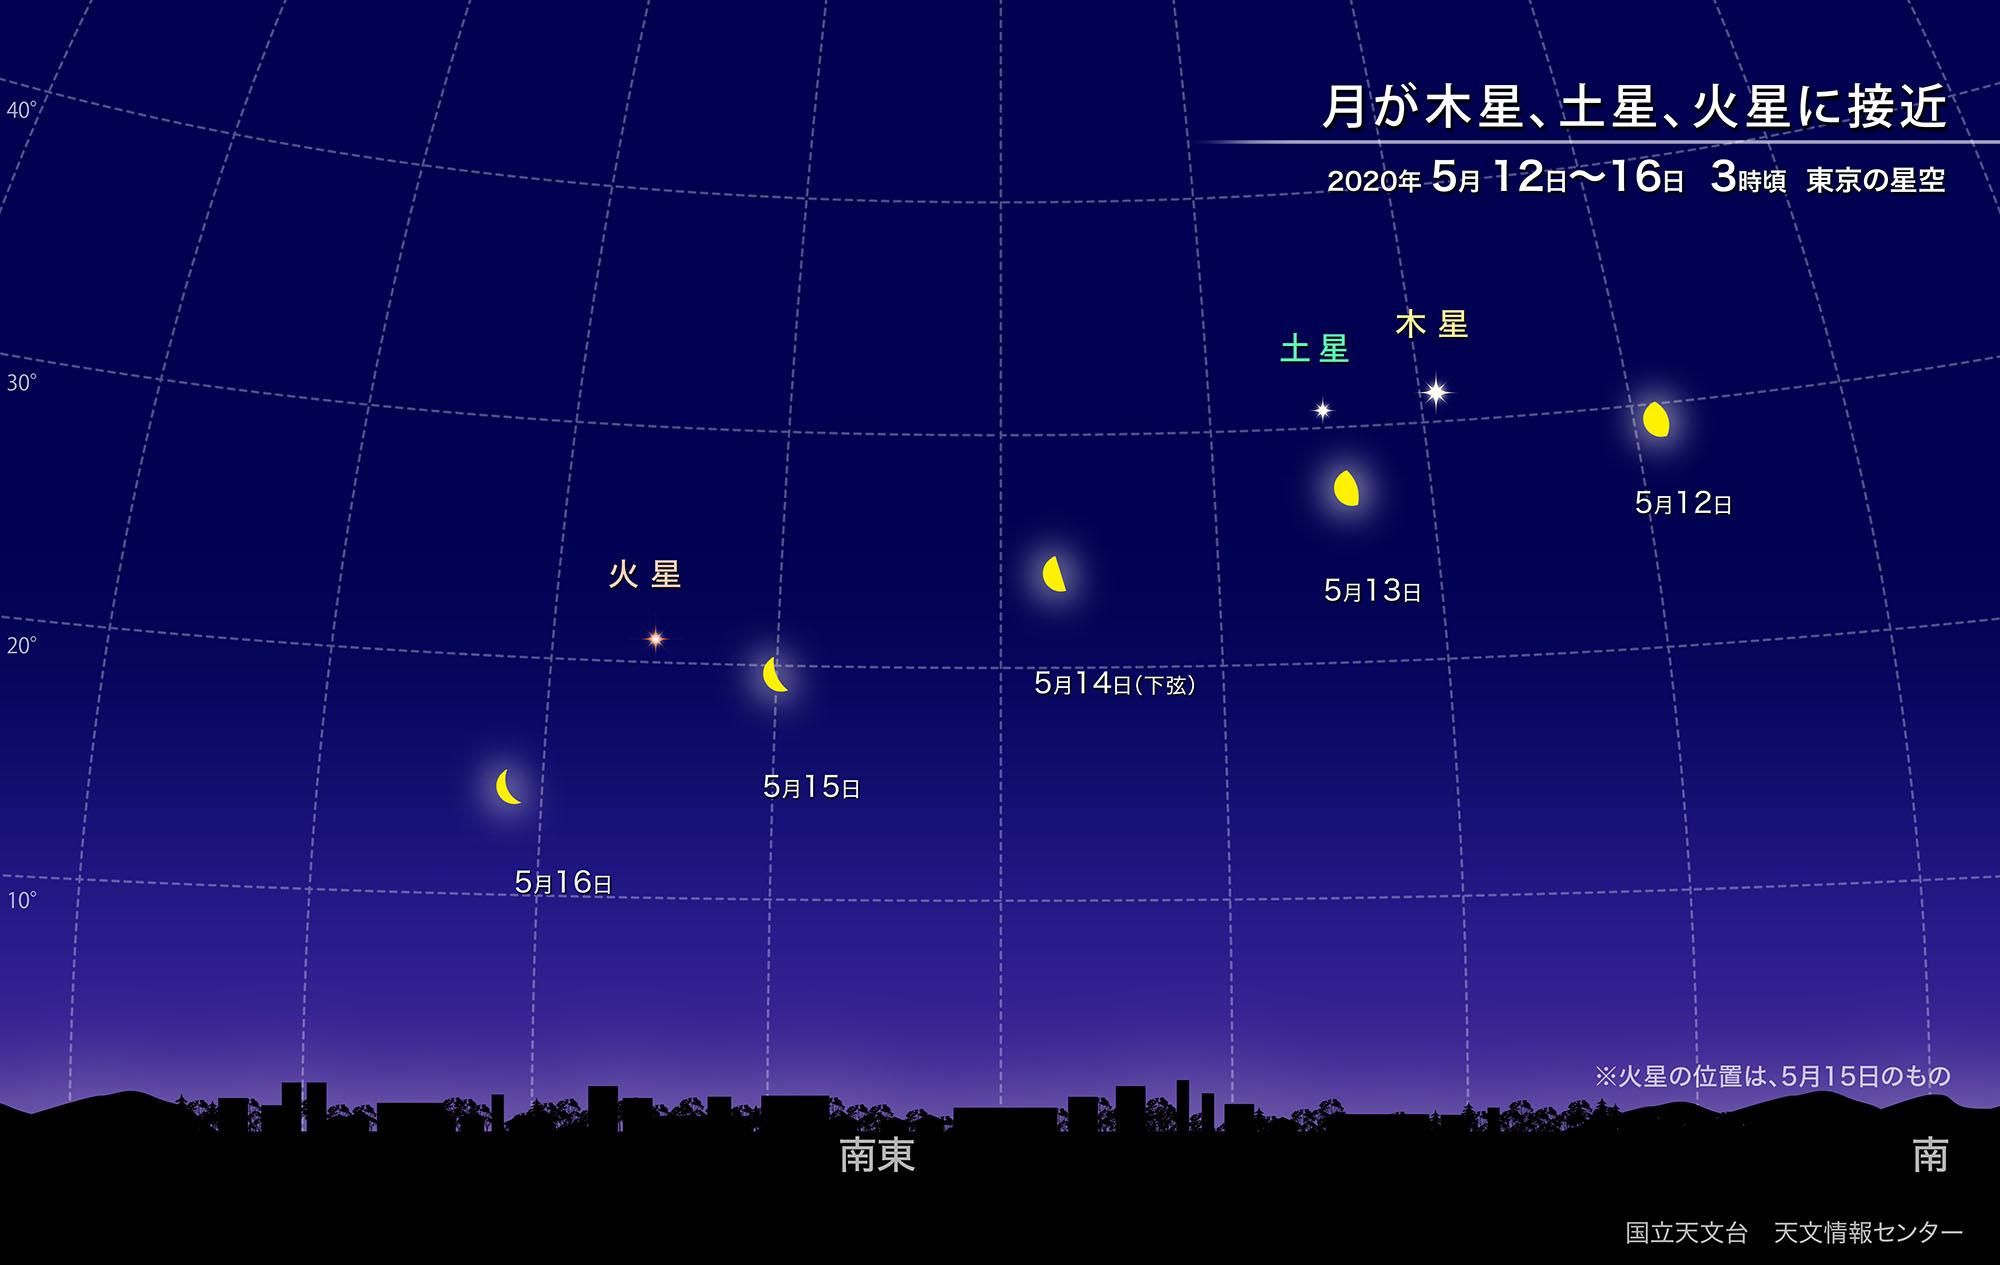 「月が木星と土星に接近」2020/5/13